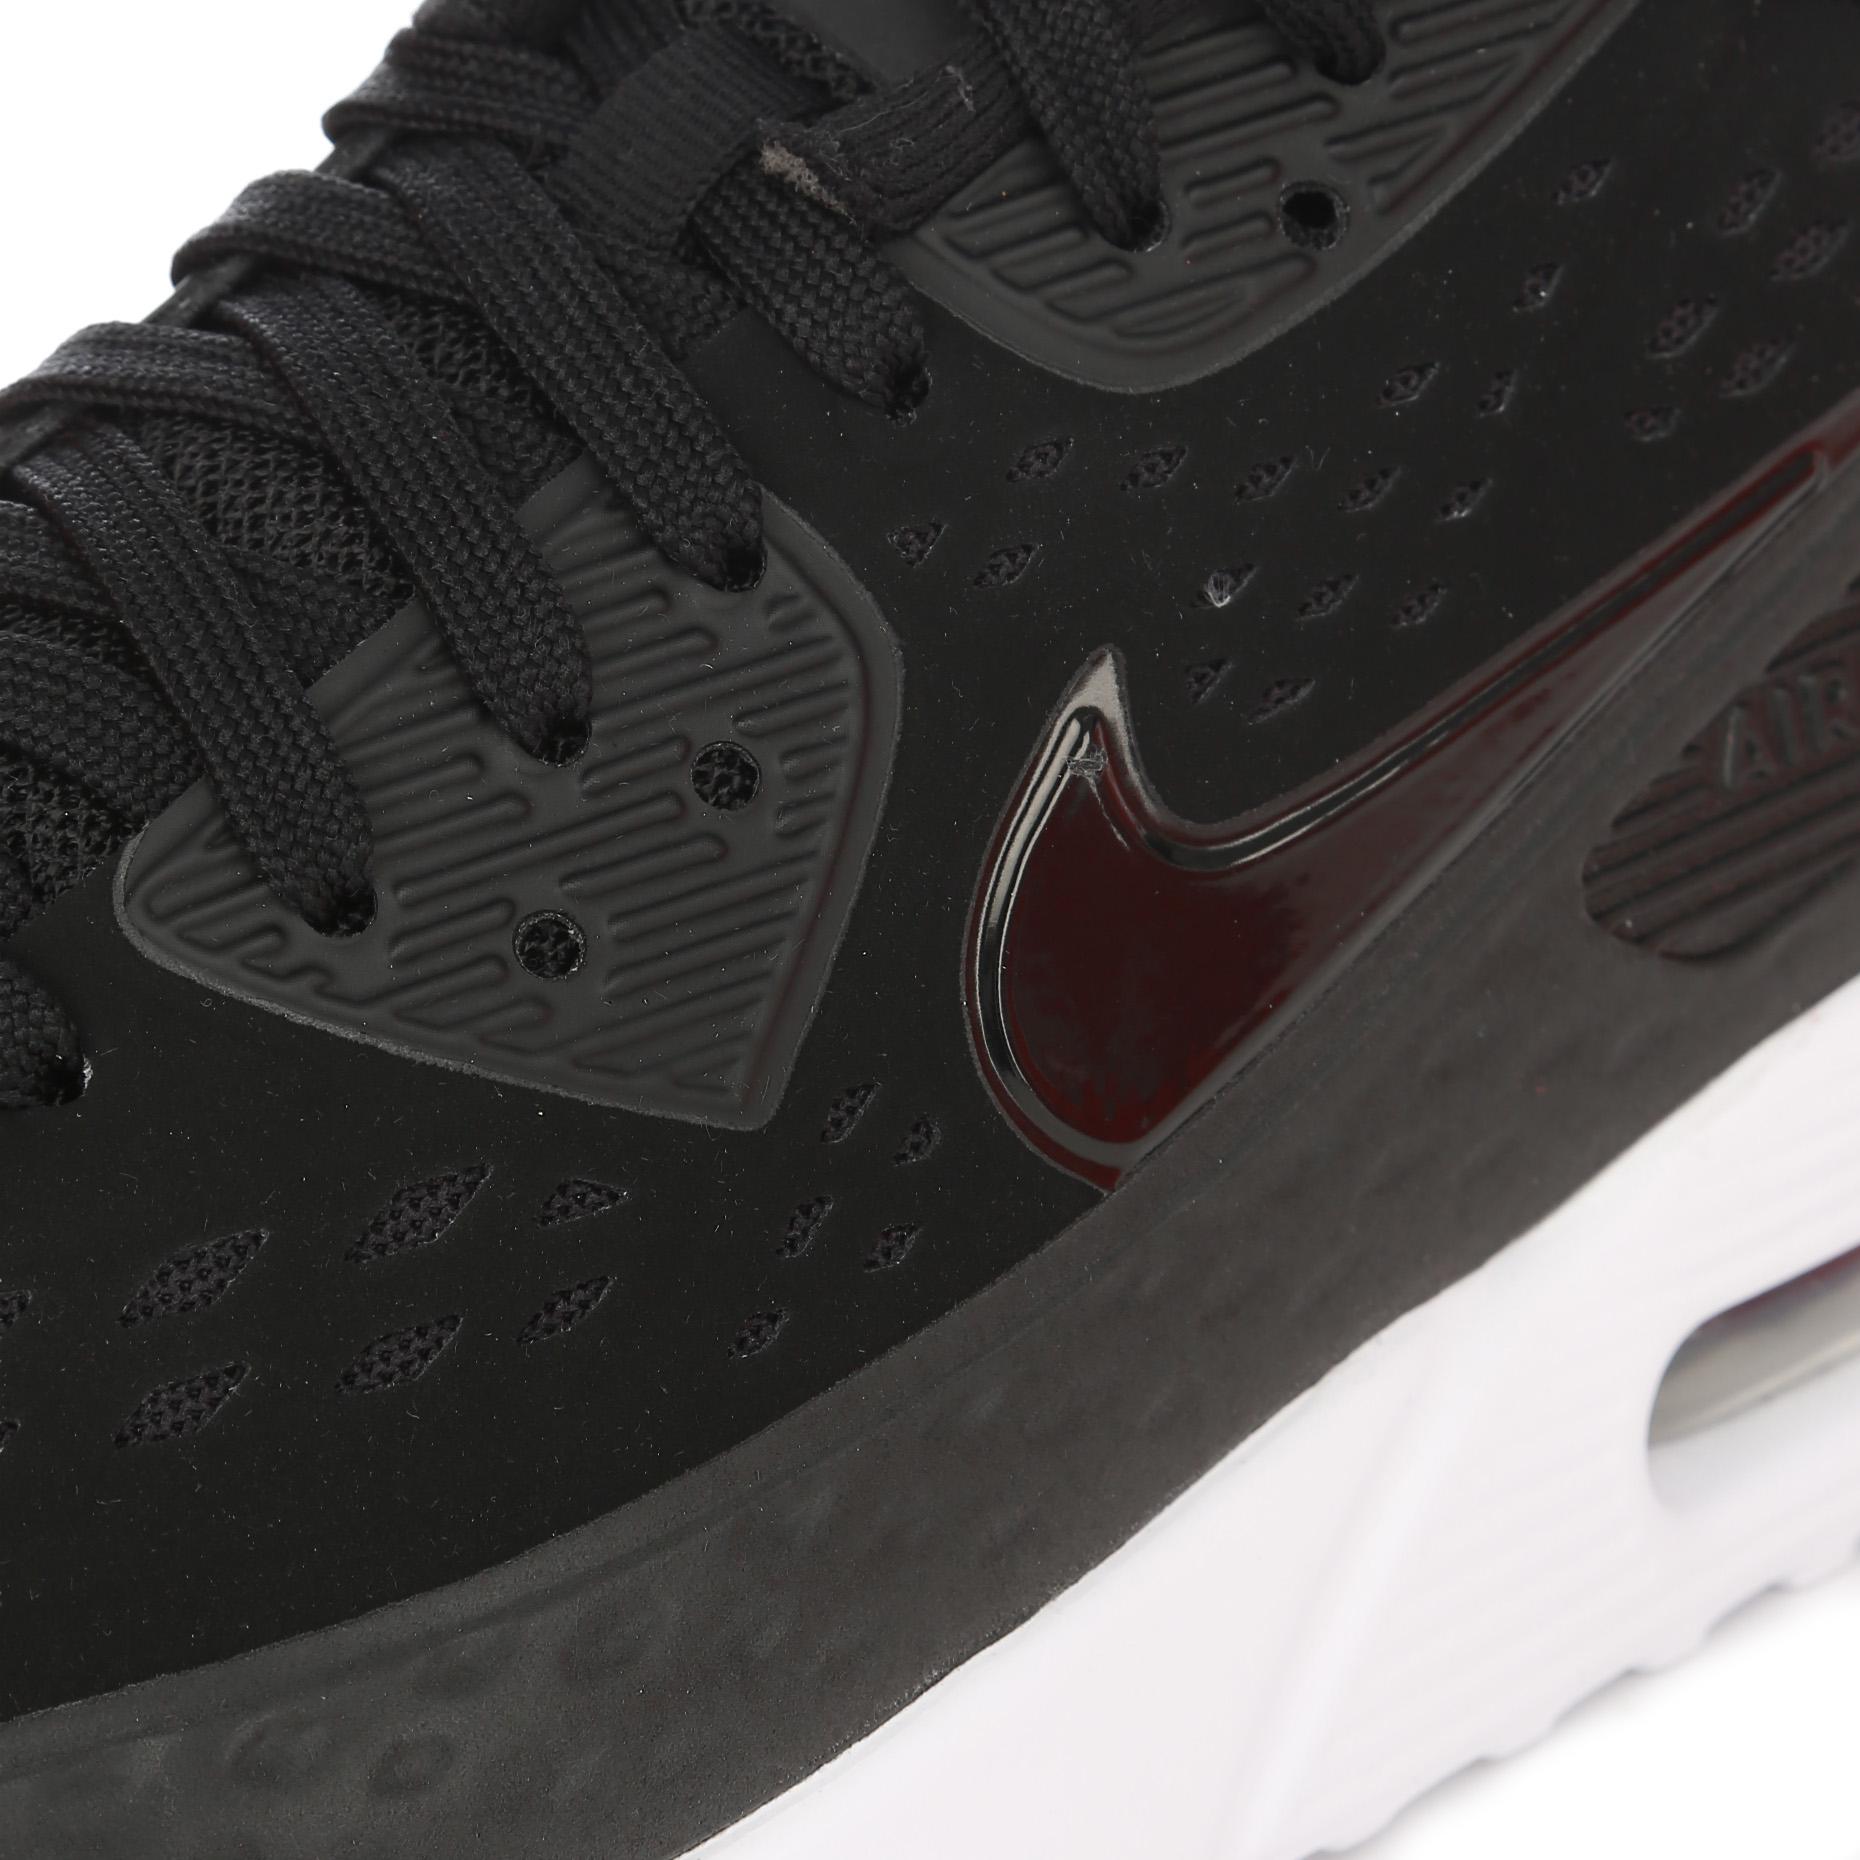 Кроссовки Air Max 90 от Nike (725222 001) продажа, цена